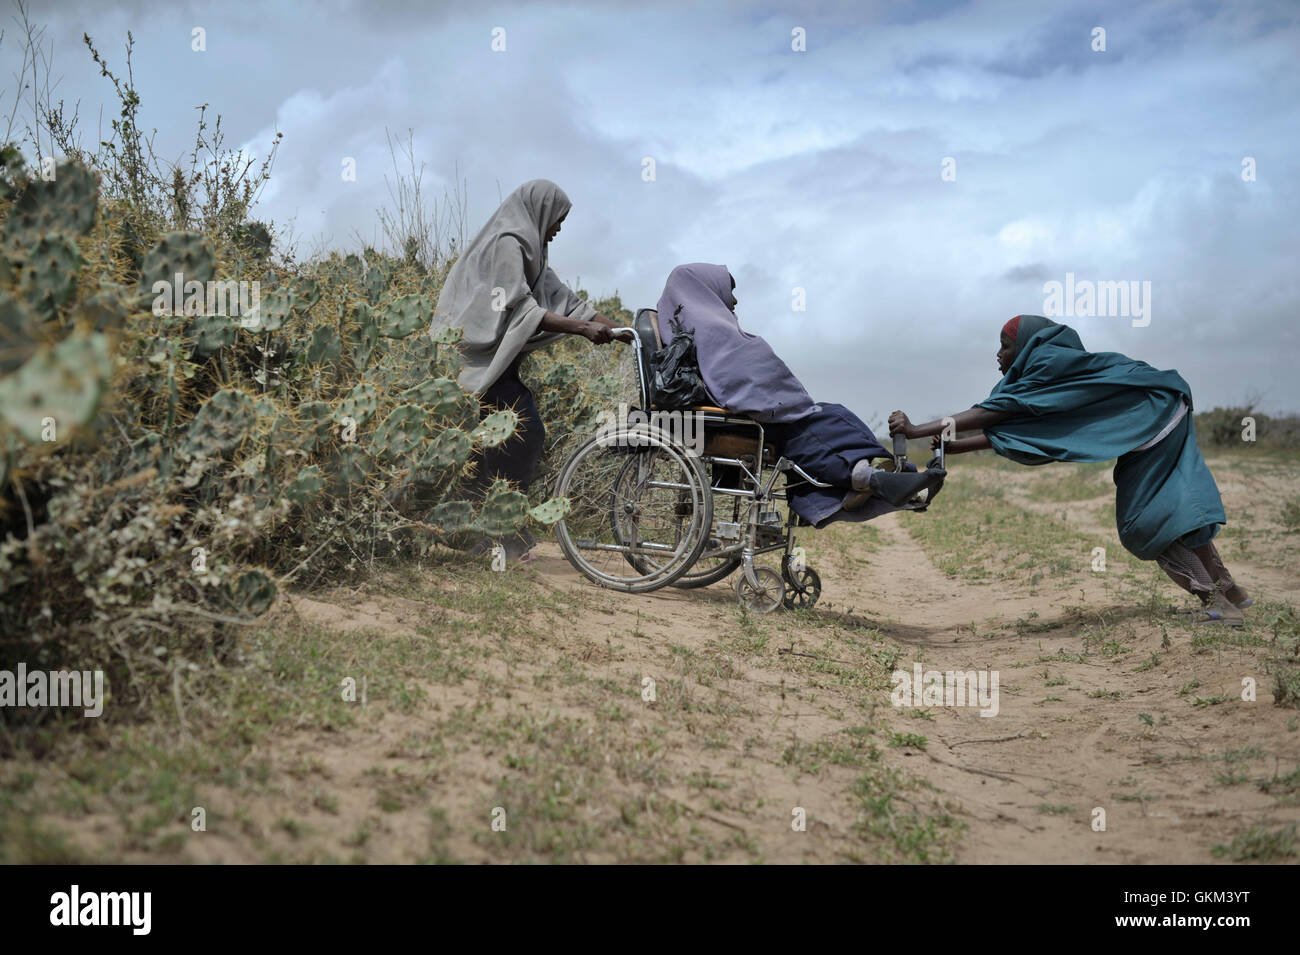 Zwei Frauen helfen anderen durch eine Hecke aus Klima bei einem Lebensmittel-Verteilzentrum in Afgoye, Somalia, Stockbild